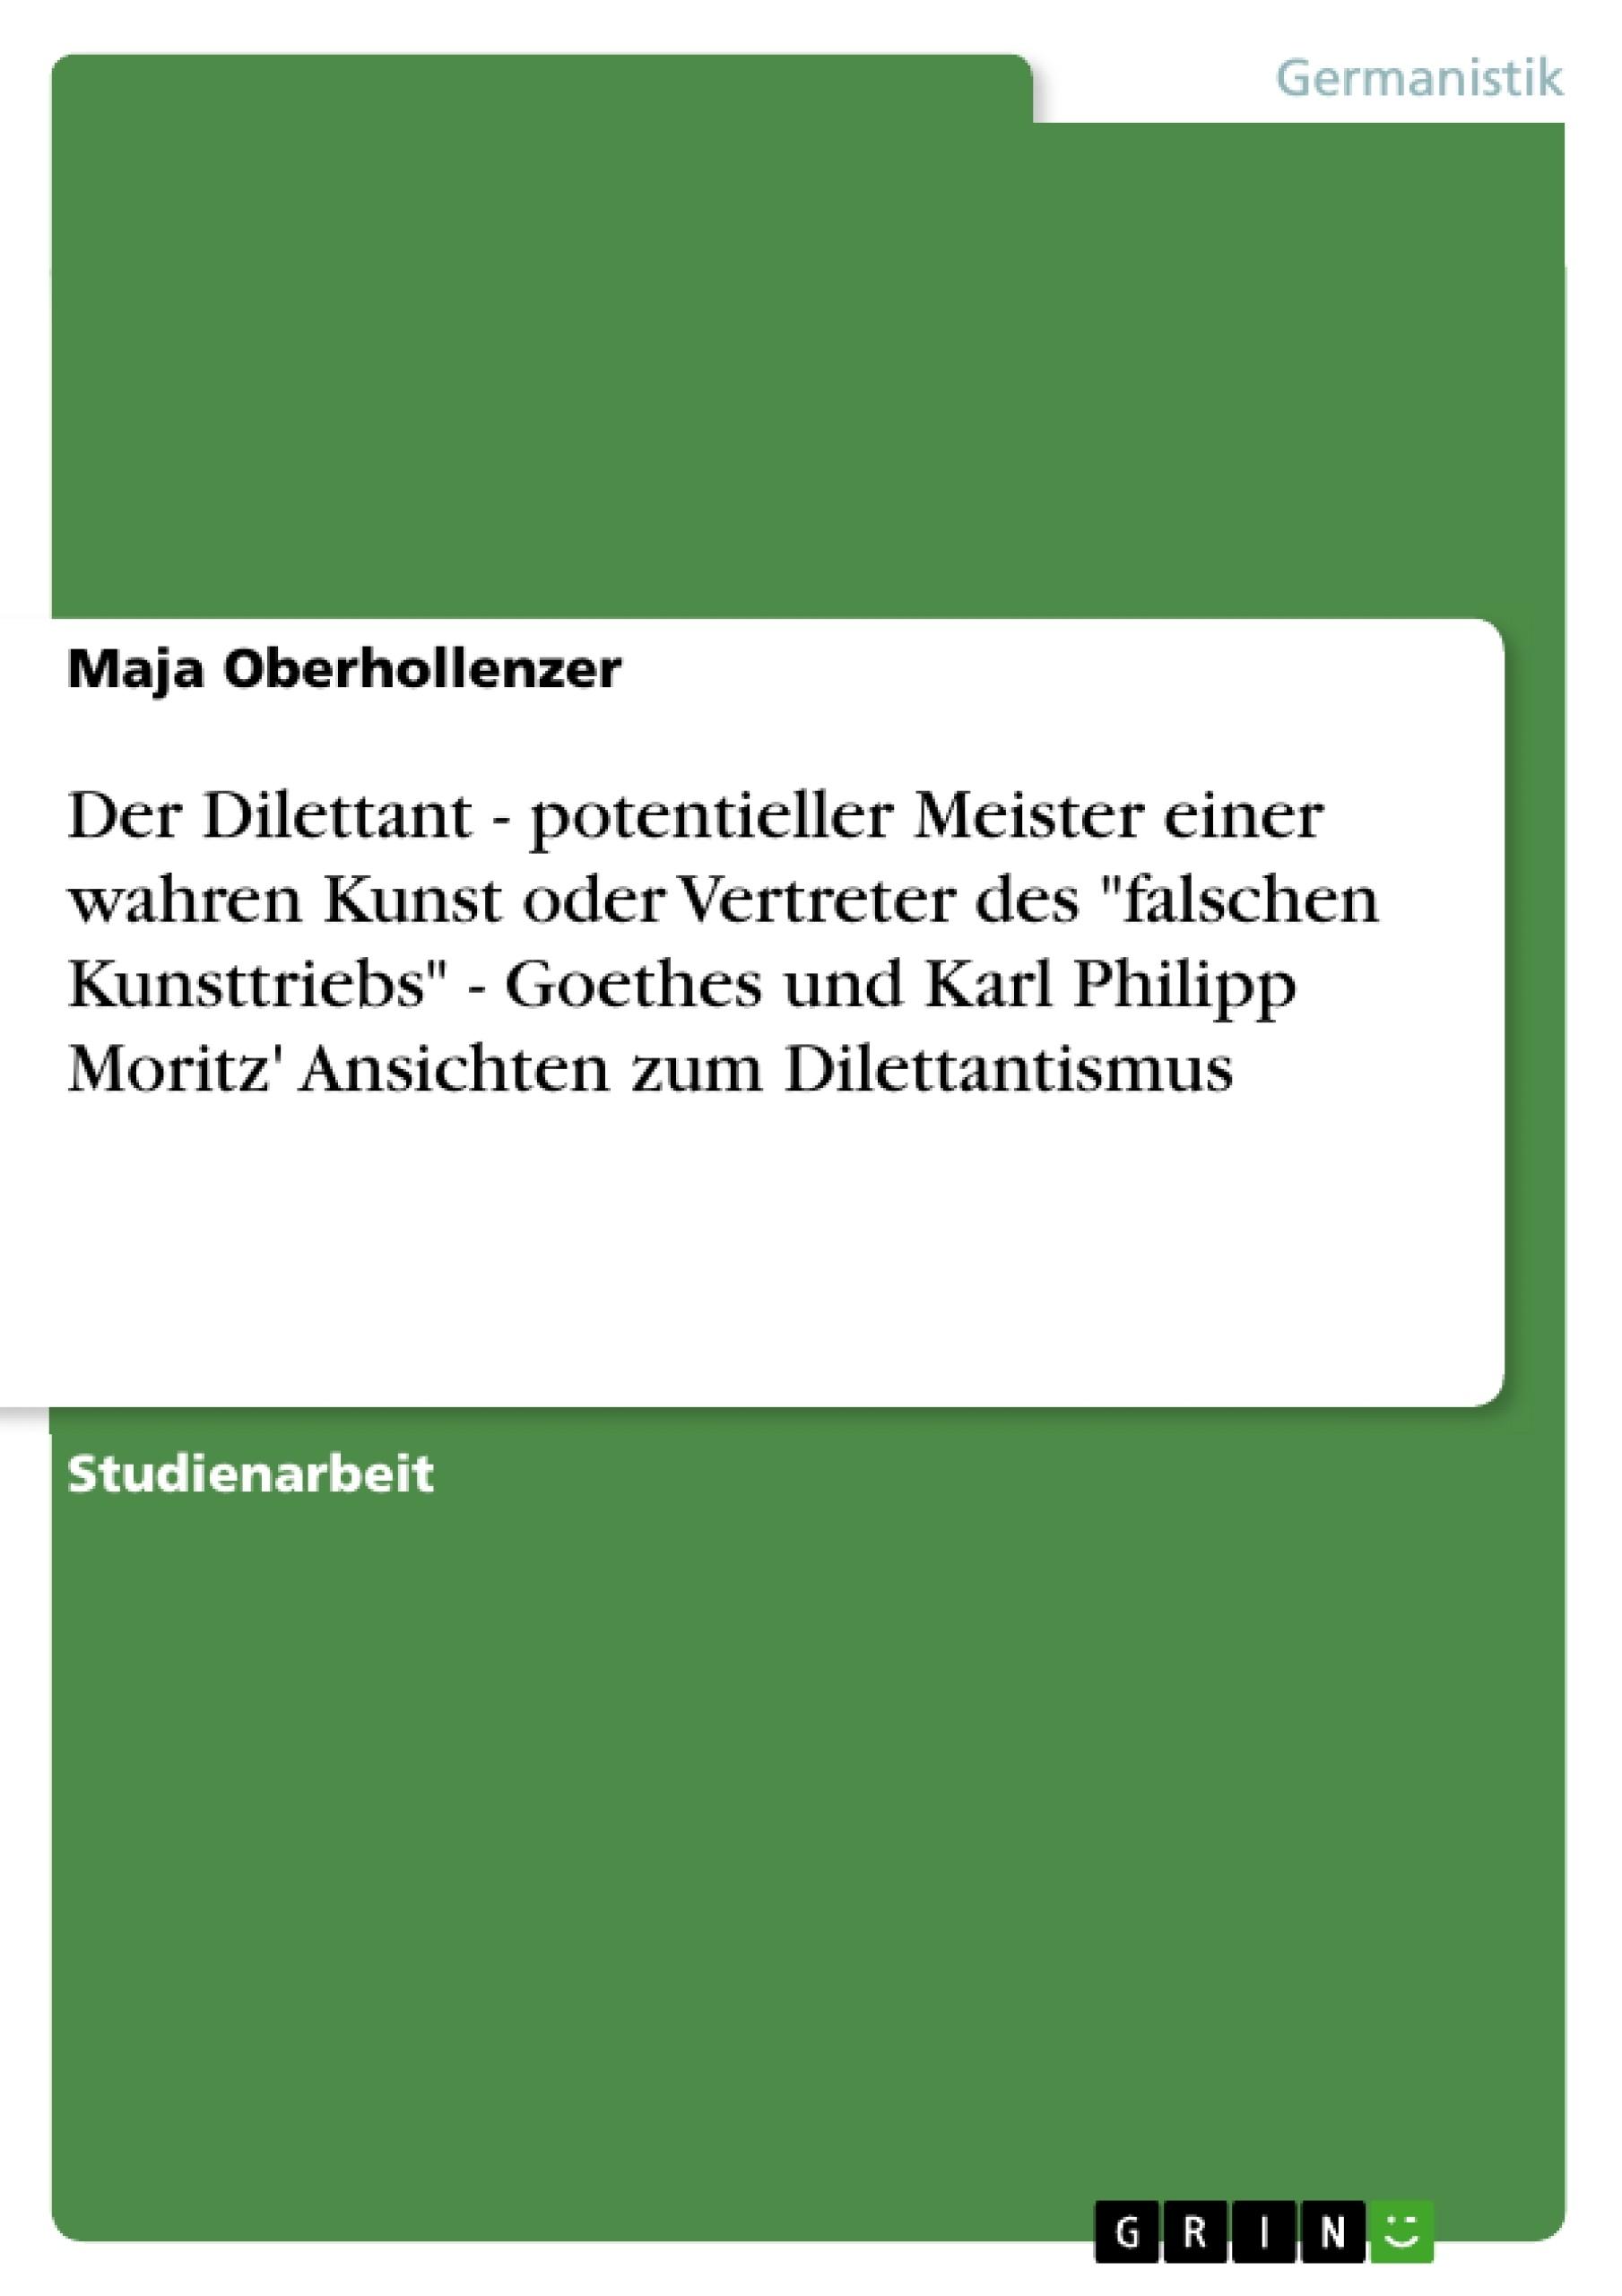 """Titel: Der Dilettant - potentieller Meister einer wahren Kunst oder Vertreter des """"falschen Kunsttriebs"""" - Goethes und Karl Philipp Moritz' Ansichten zum Dilettantismus"""